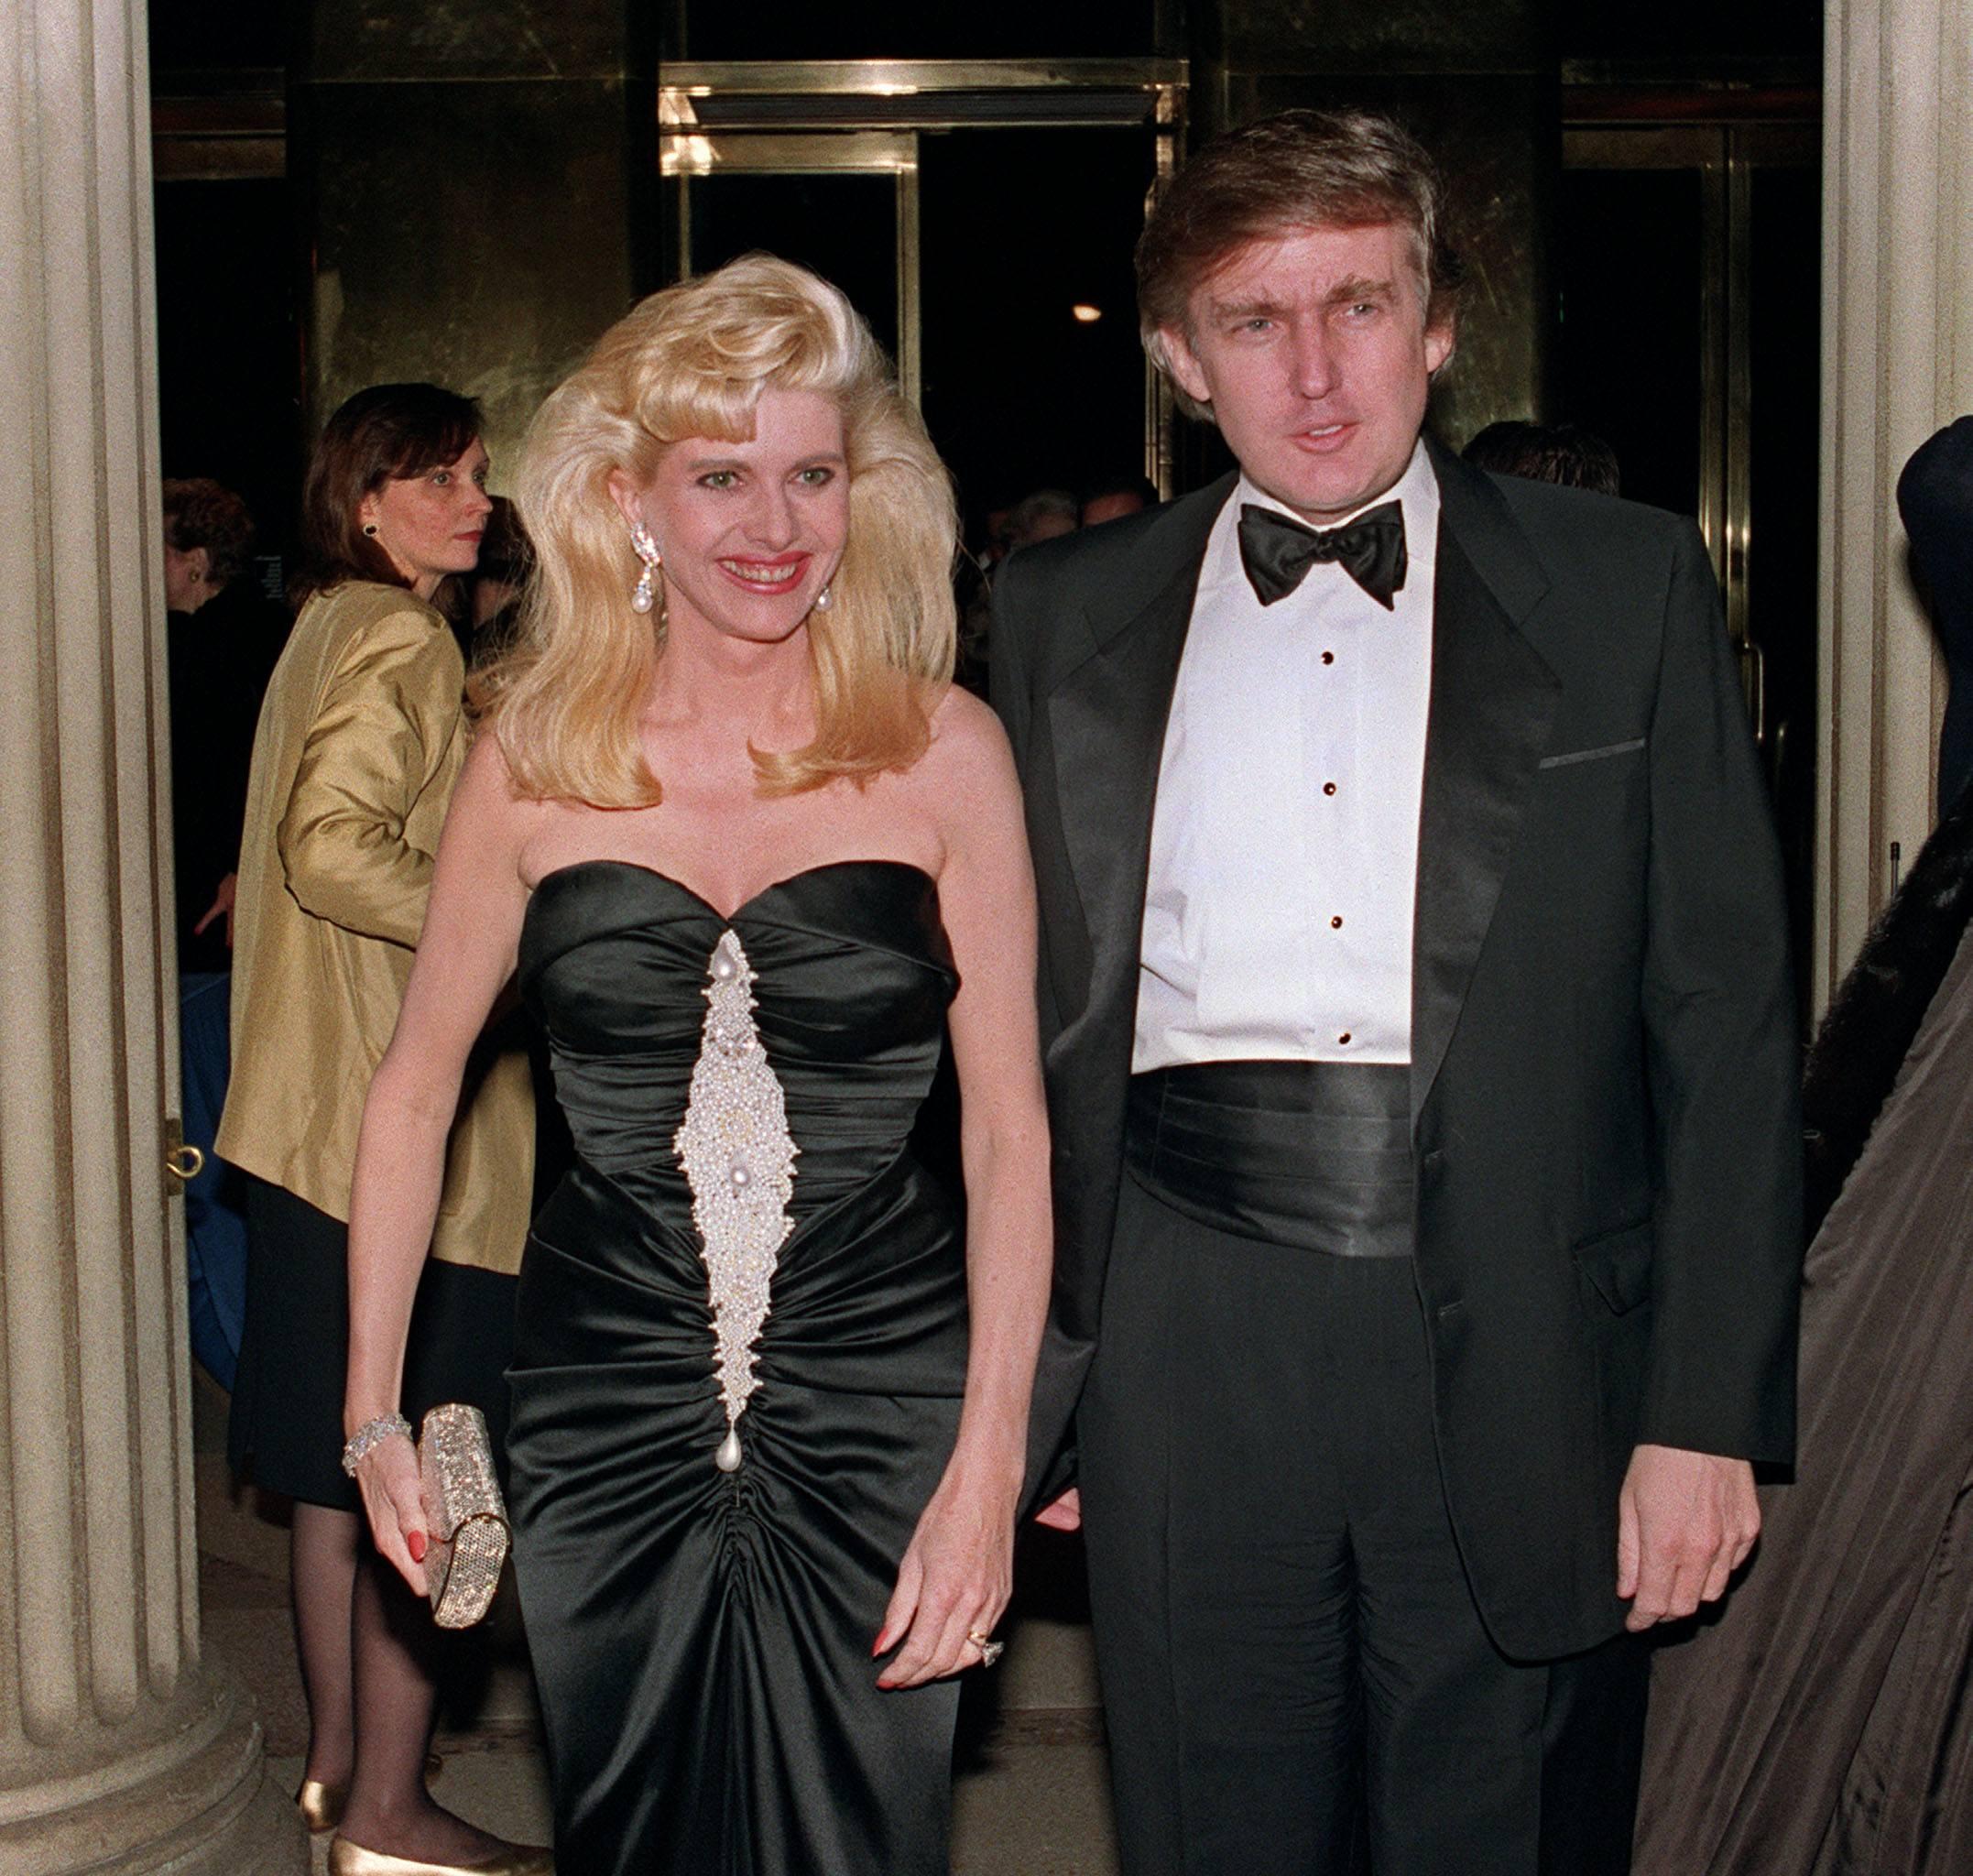 ट्रम्प अपनी पहली पत्नी इवाना के साथ। यह रिश्ता 1977 से 1992 तक 15 साल चला। इवाना के साथ ट्रम्प के अफेयर की वजह से तलाक हुआ। इवाना को 14 मिलियन डॉलर (103 करोड़ रुपए) मिले थे। इवाना से ट्रम्प को तीन बच्चे हैं- एरिक, डोनाल्ड जूनियर और इवांका।